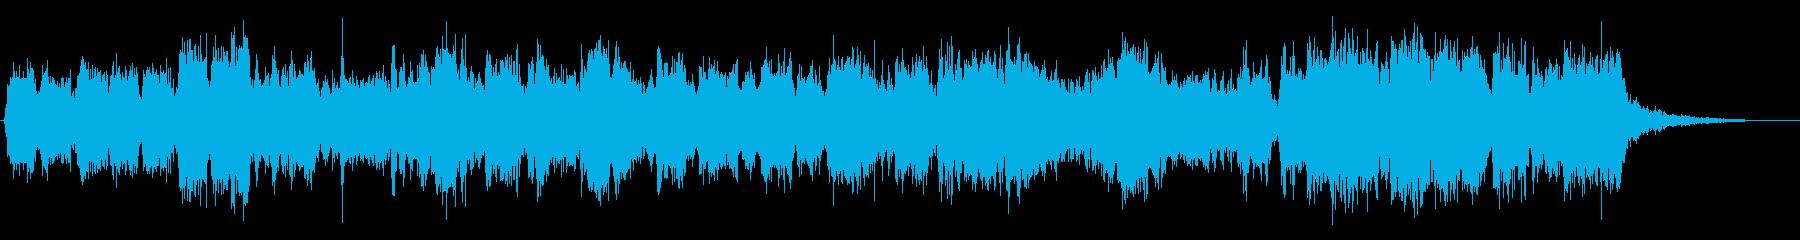 ★★★ややシリアスな聖歌隊✡合唱のみ✡Cの再生済みの波形